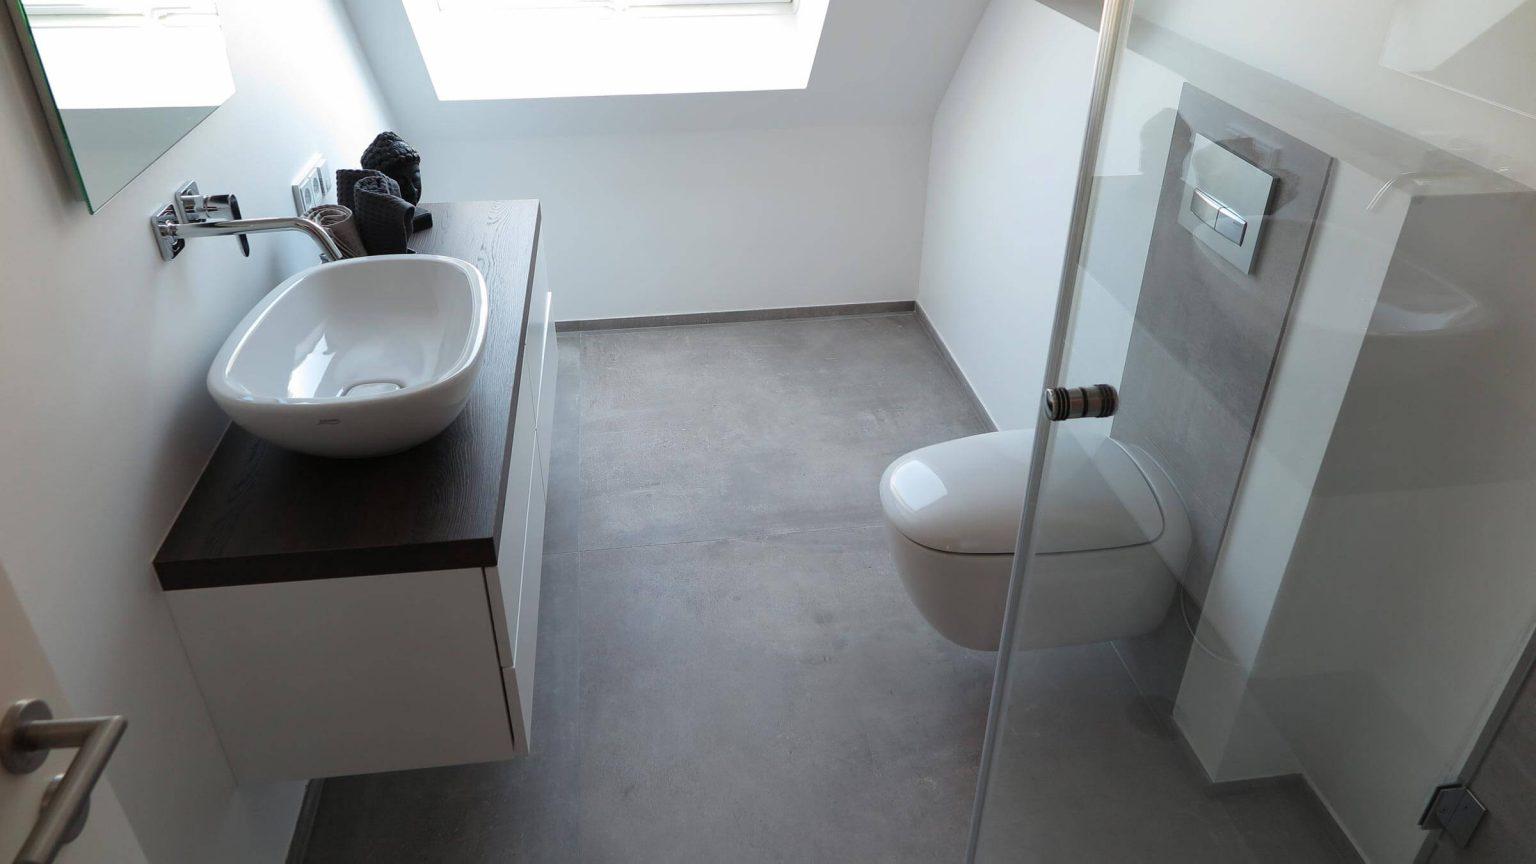 Architekt Koeln Gaestebad Schreiner Waschtisch